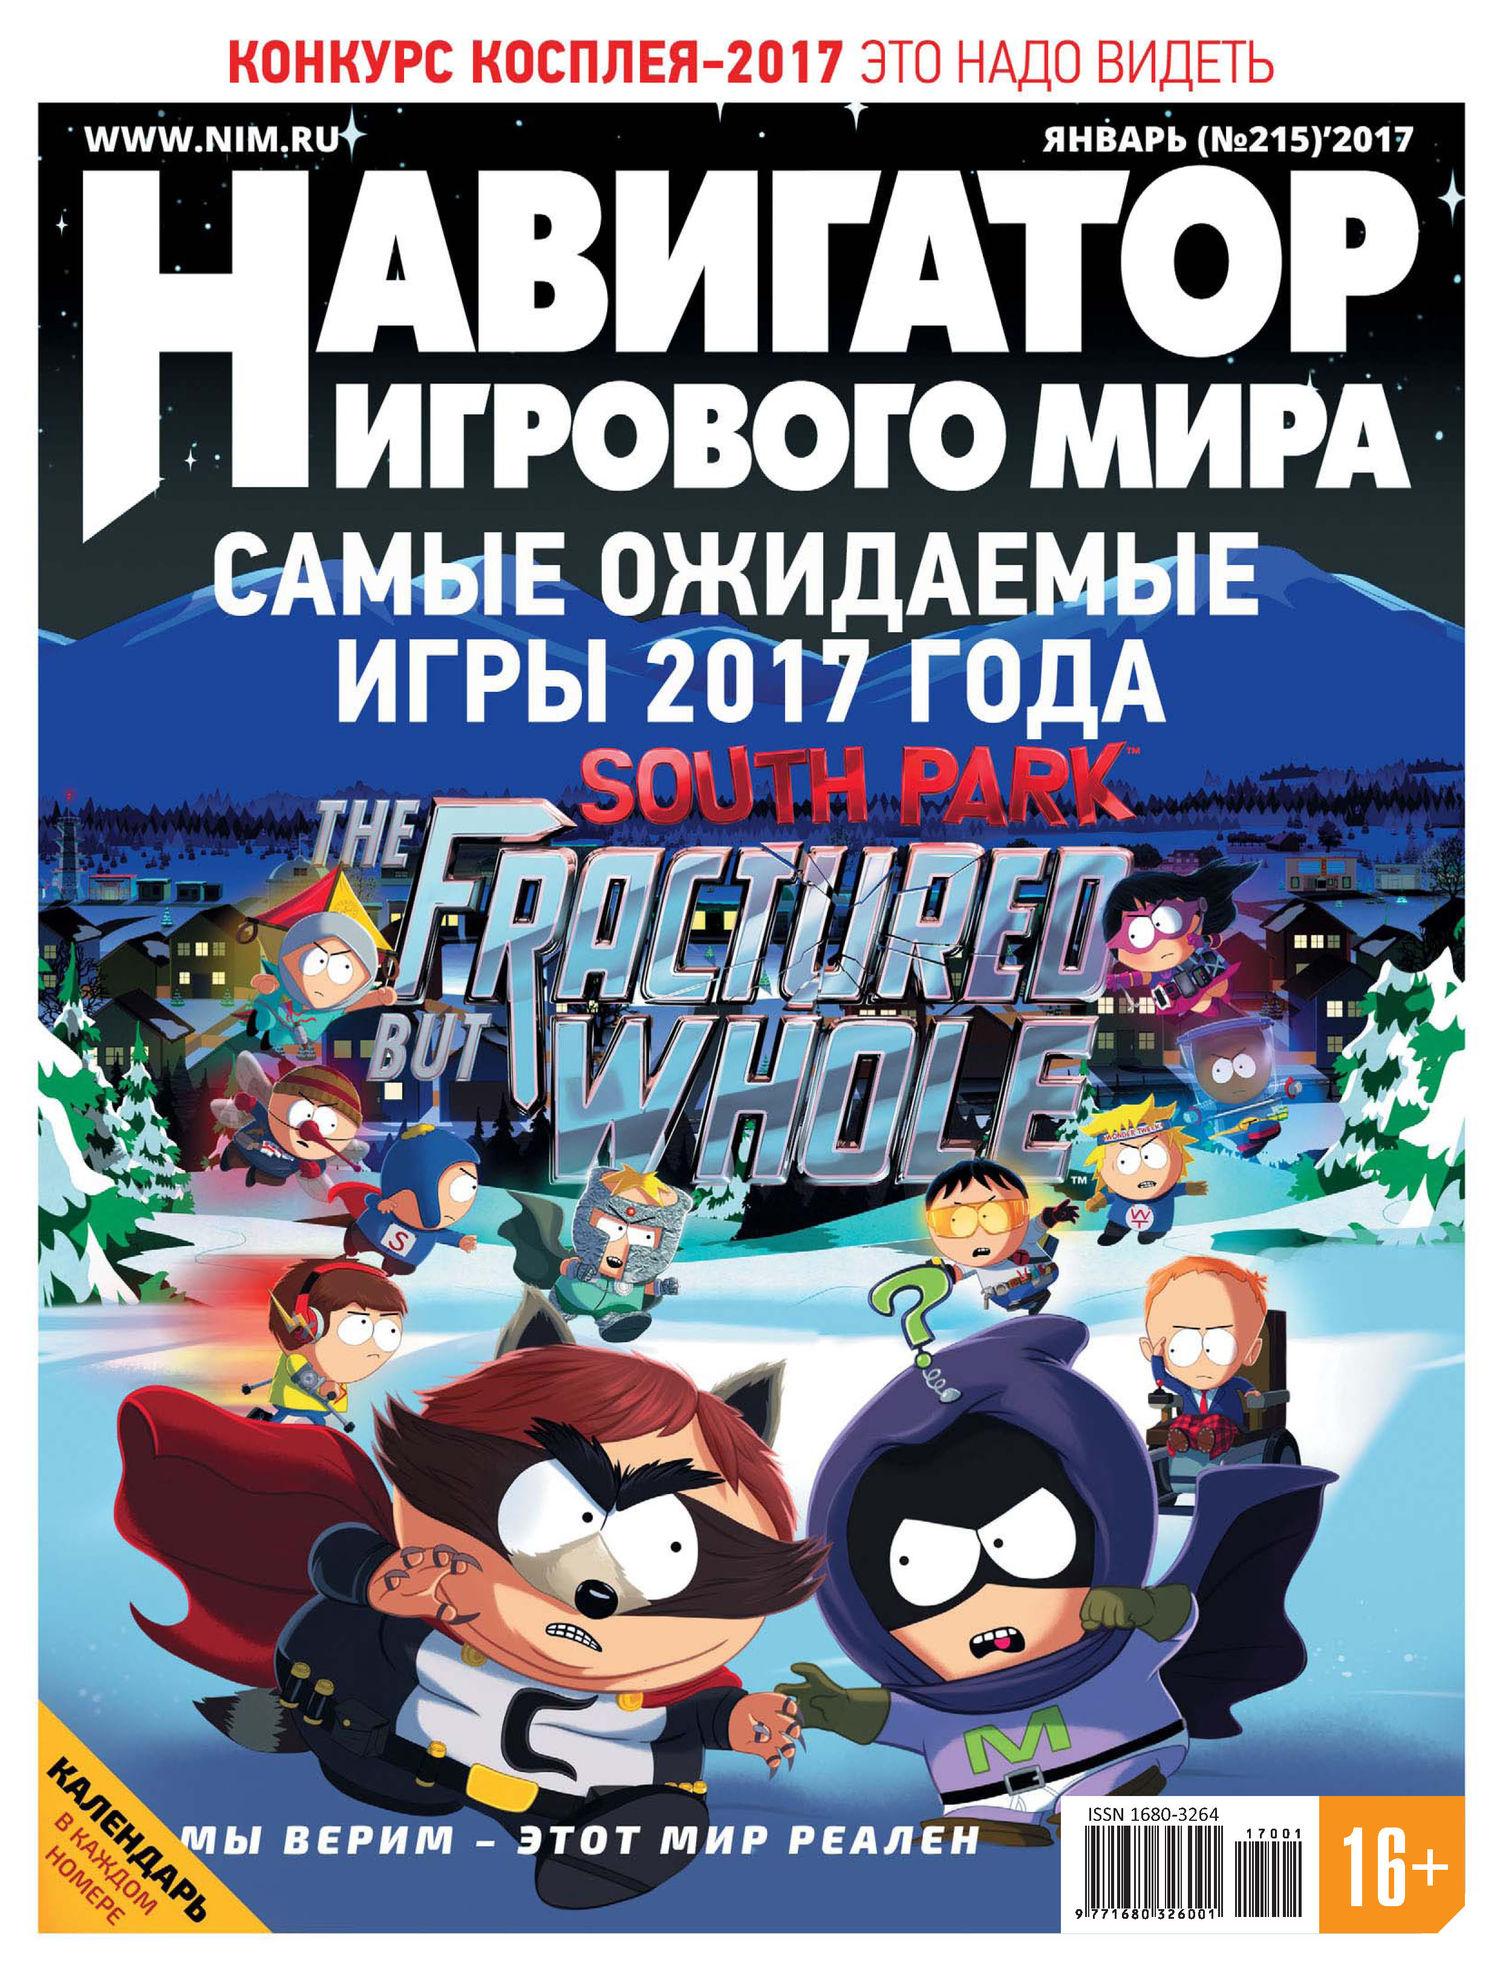 Навигатор игрового мира №01/2017